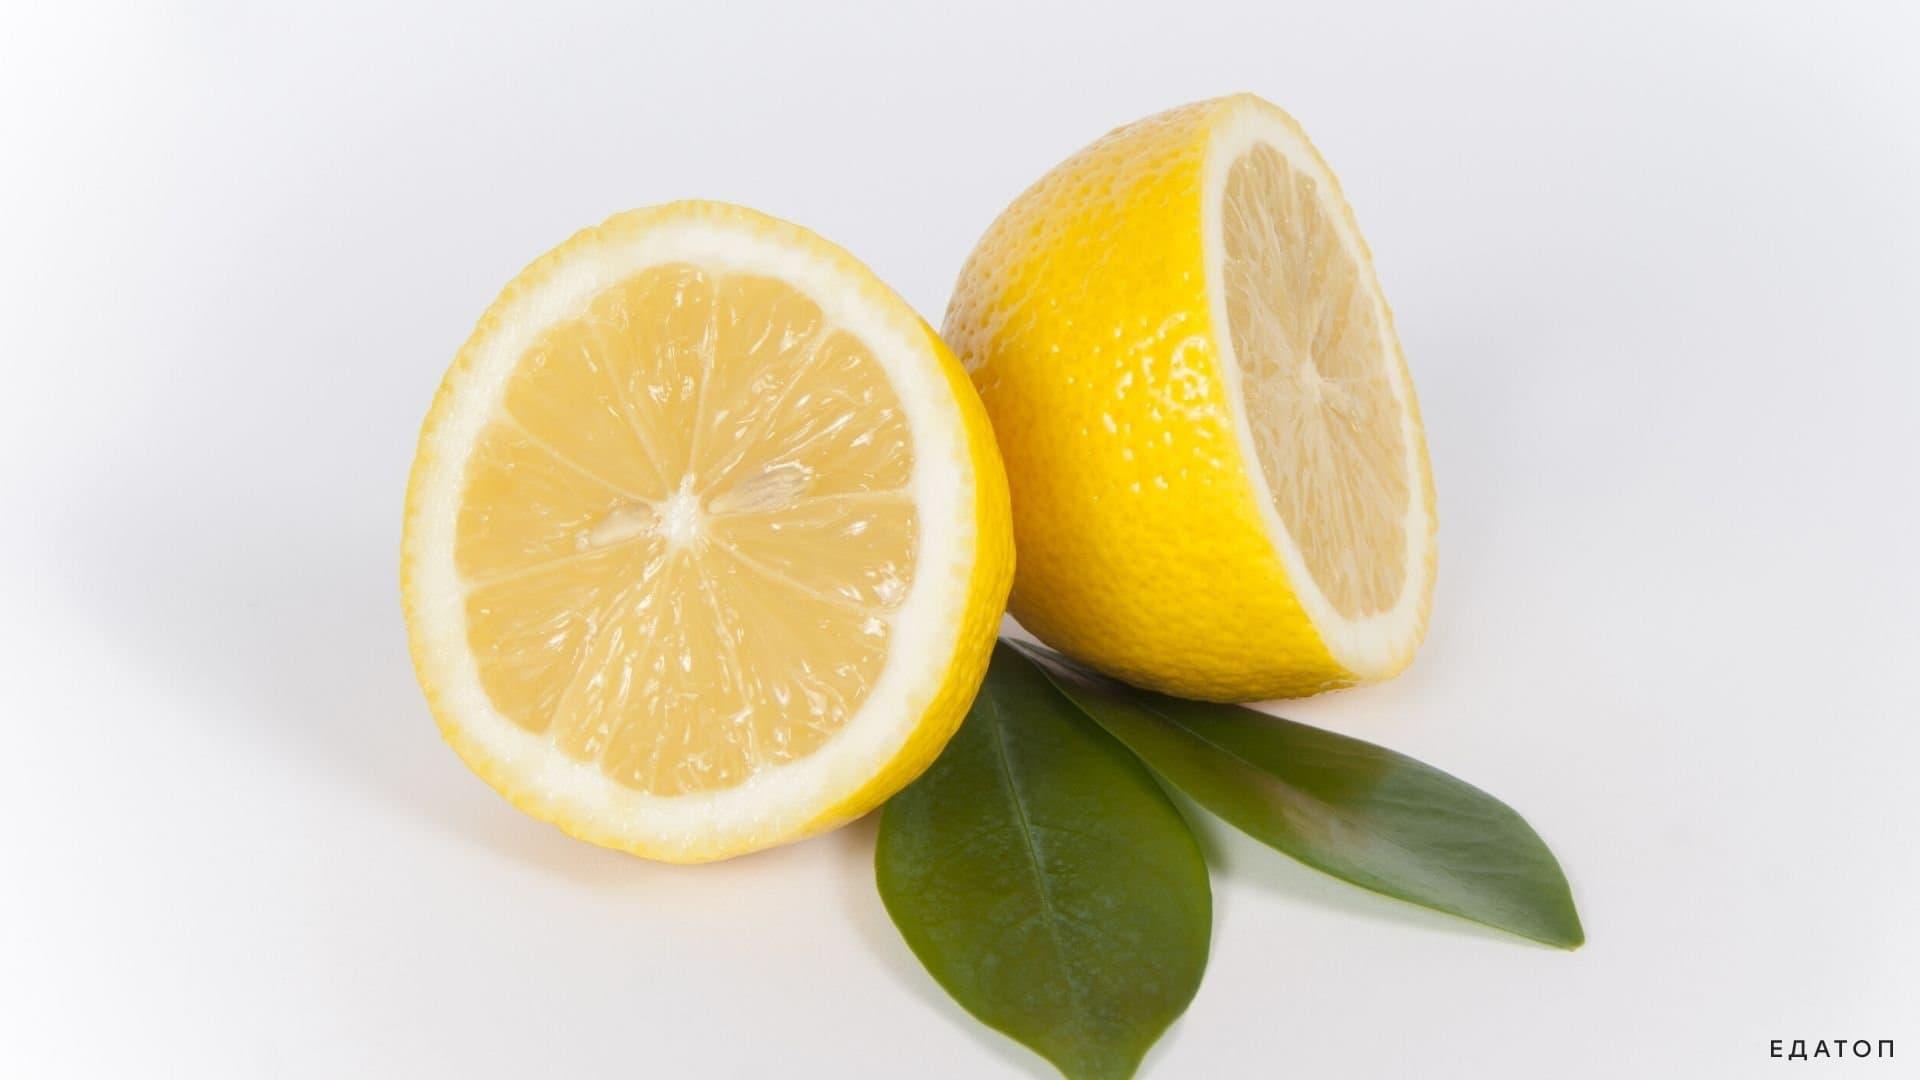 Лимон содержит мало сахара и множество питательных веществ.